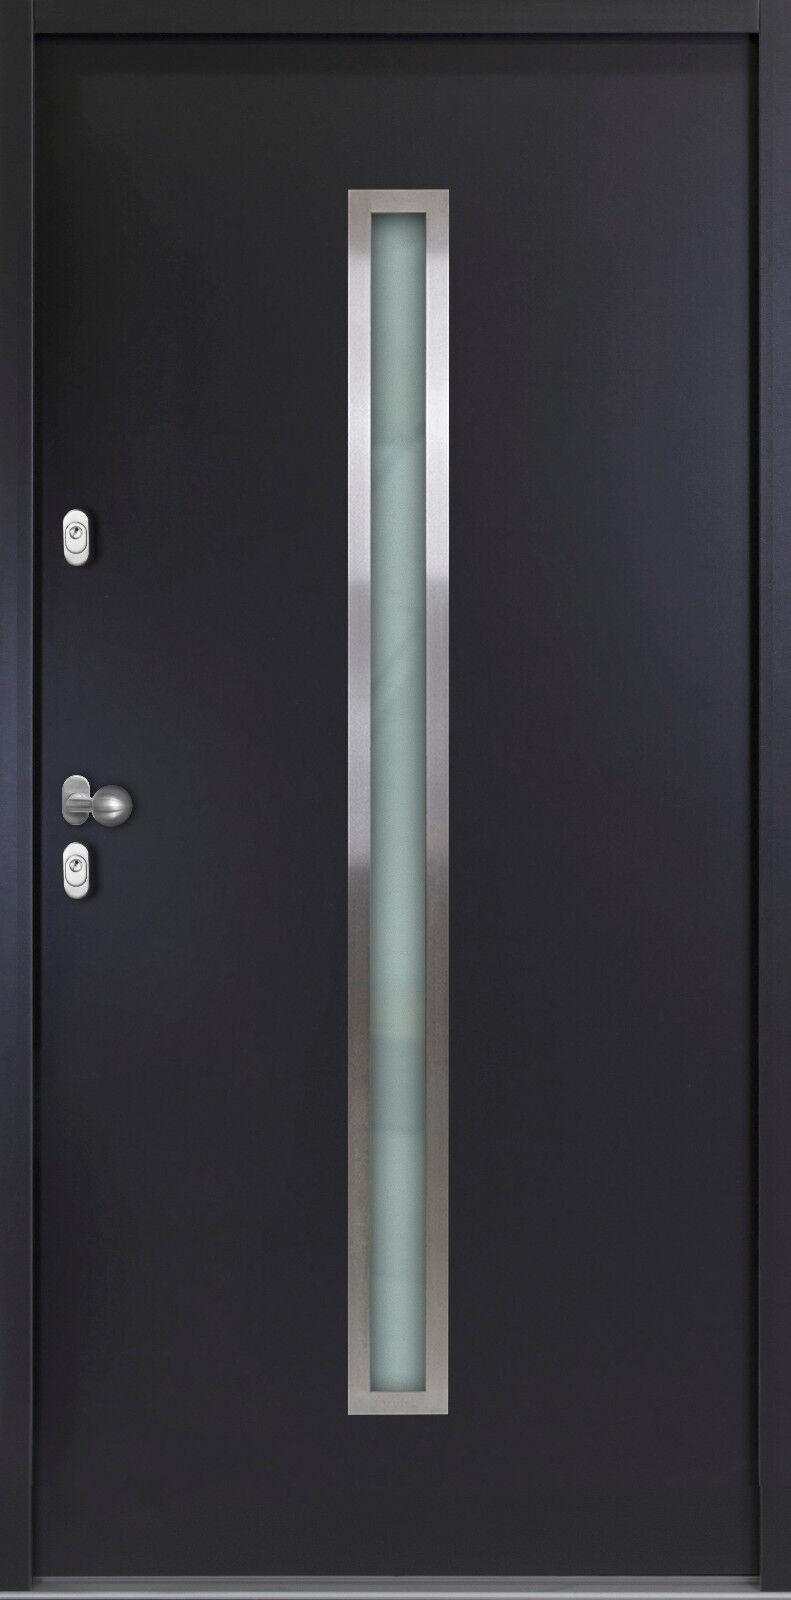 Aluminium Haustür Haustüren Aktion Nebeneingangstüren AT501